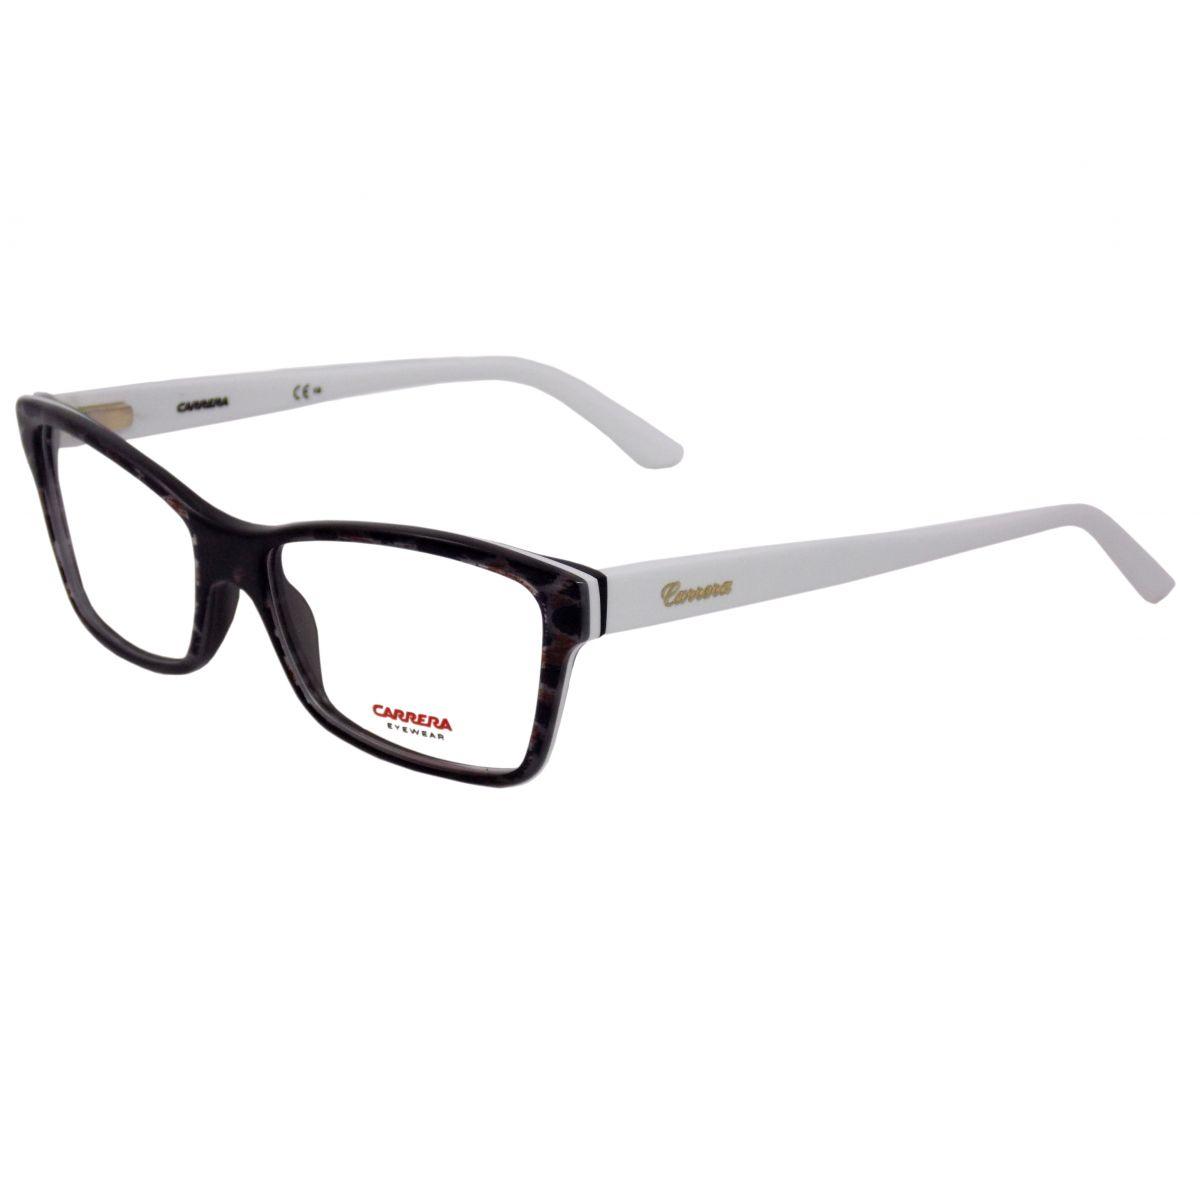 Óculos De Grau Feminino Carrera CA6188 8C6 Tam.53